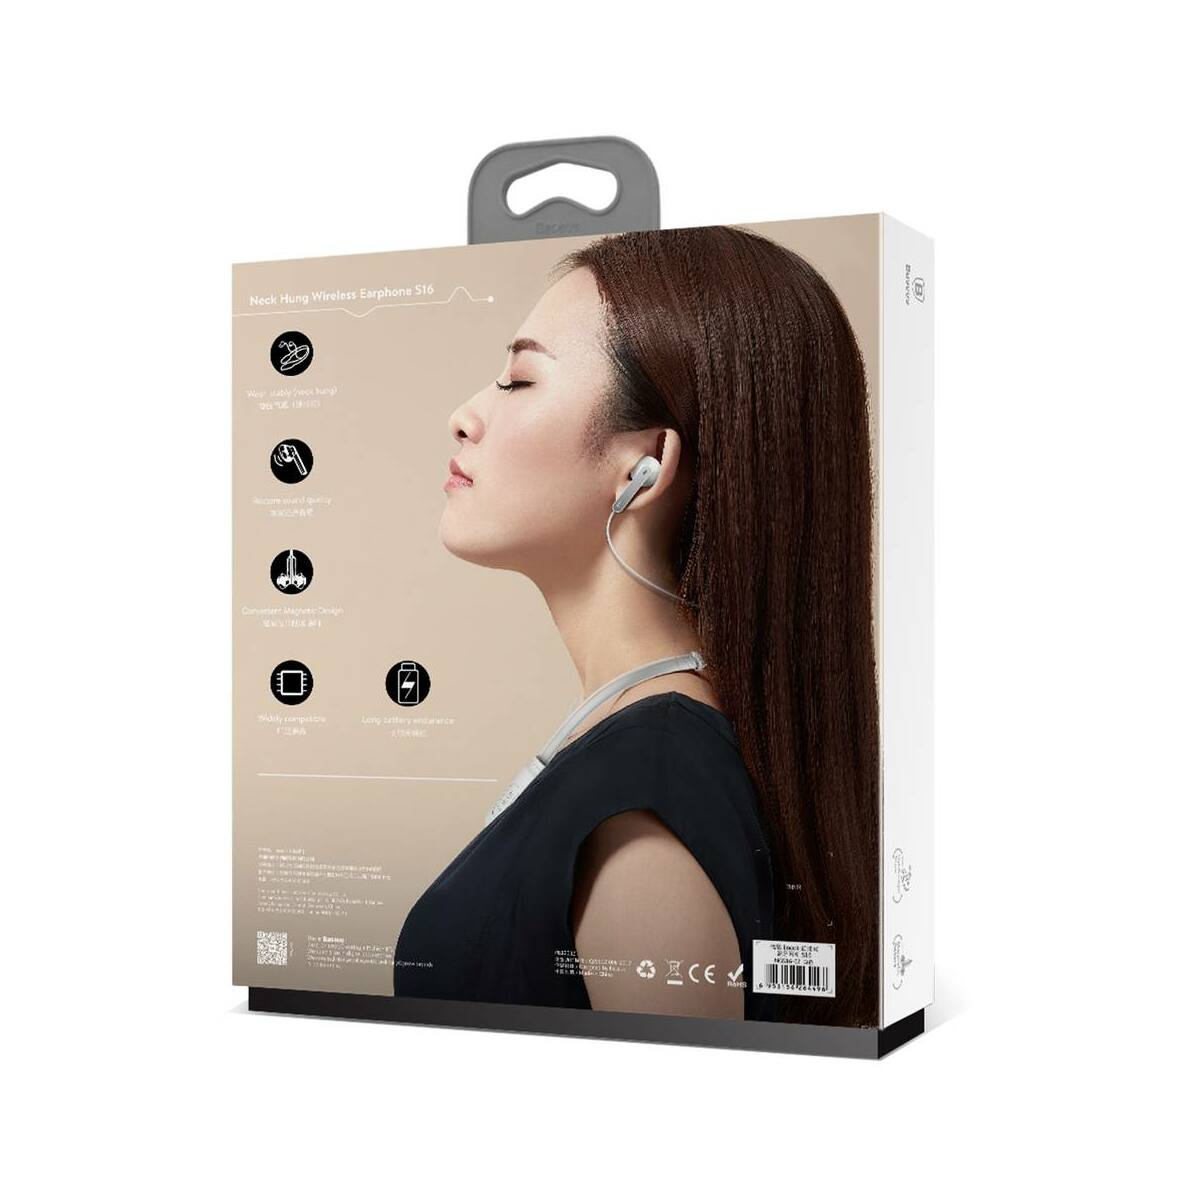 Baseus fülhallgató, Bluetooth Encok S16 nyakba akasztós, vezeték nélküli, fehér (NGS16-02)